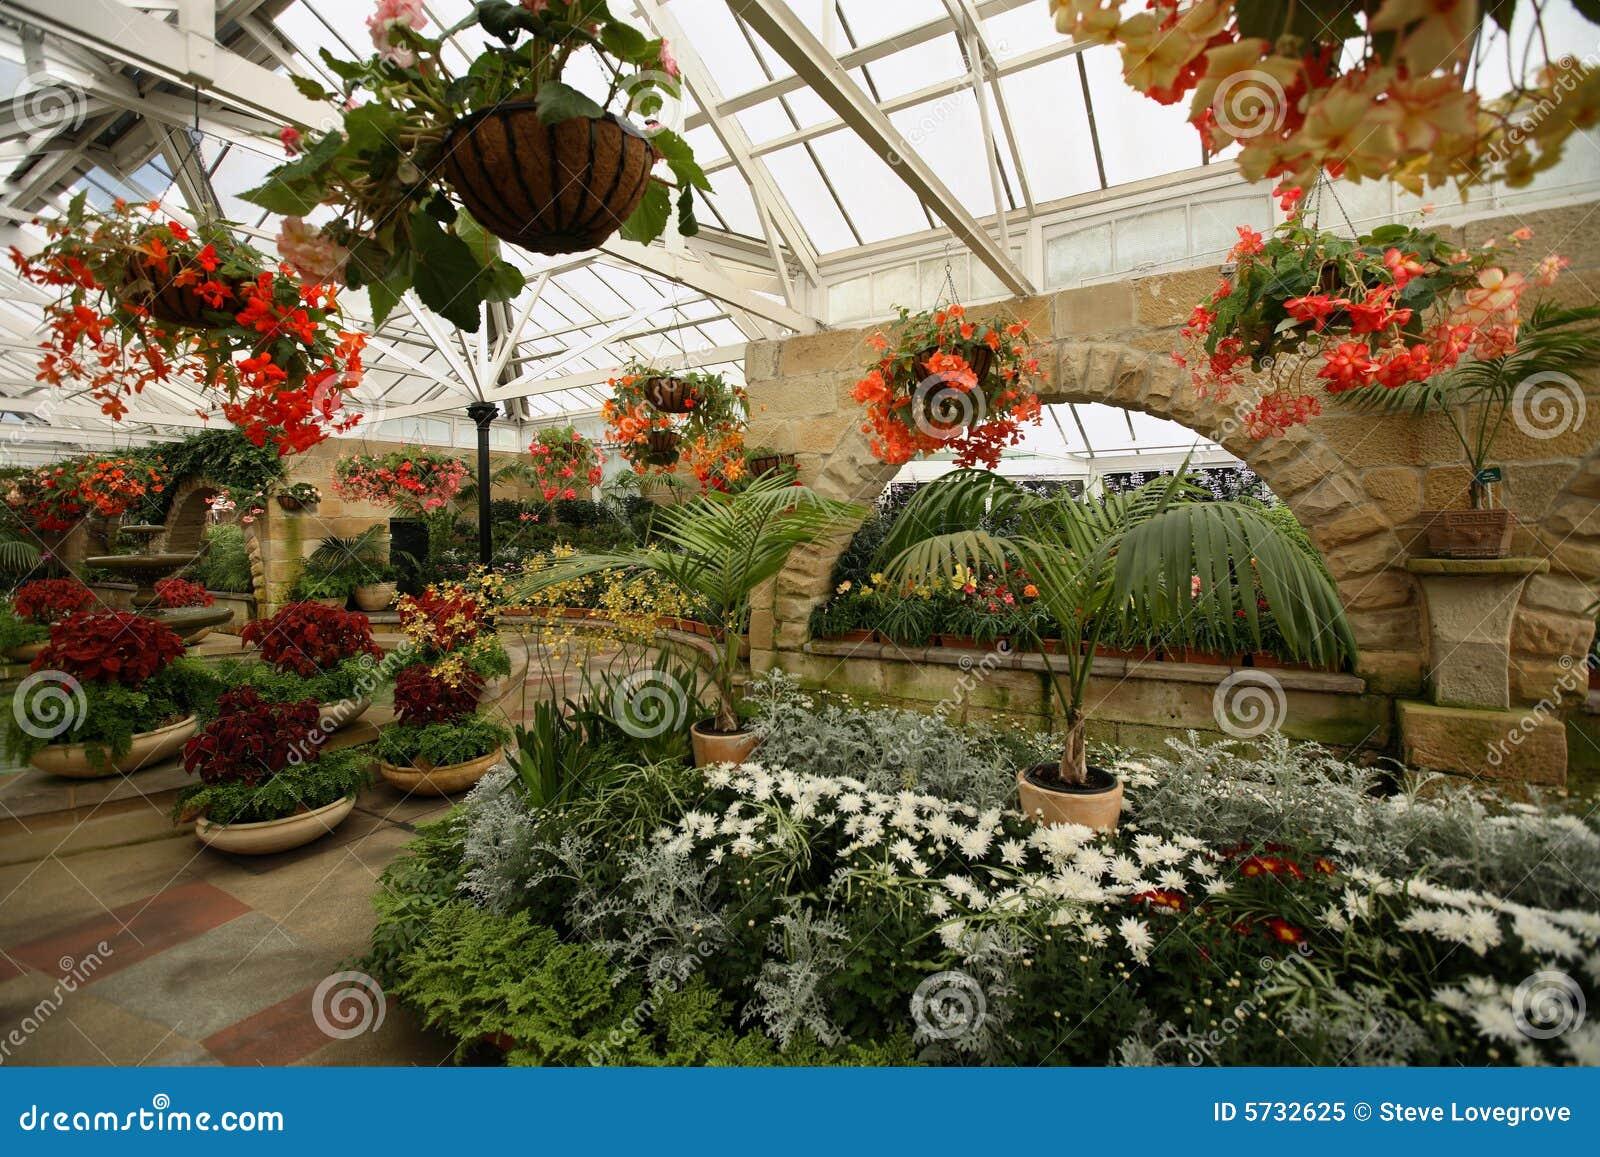 Botanic Garden Royalty Free Stock Photo Image 5732625